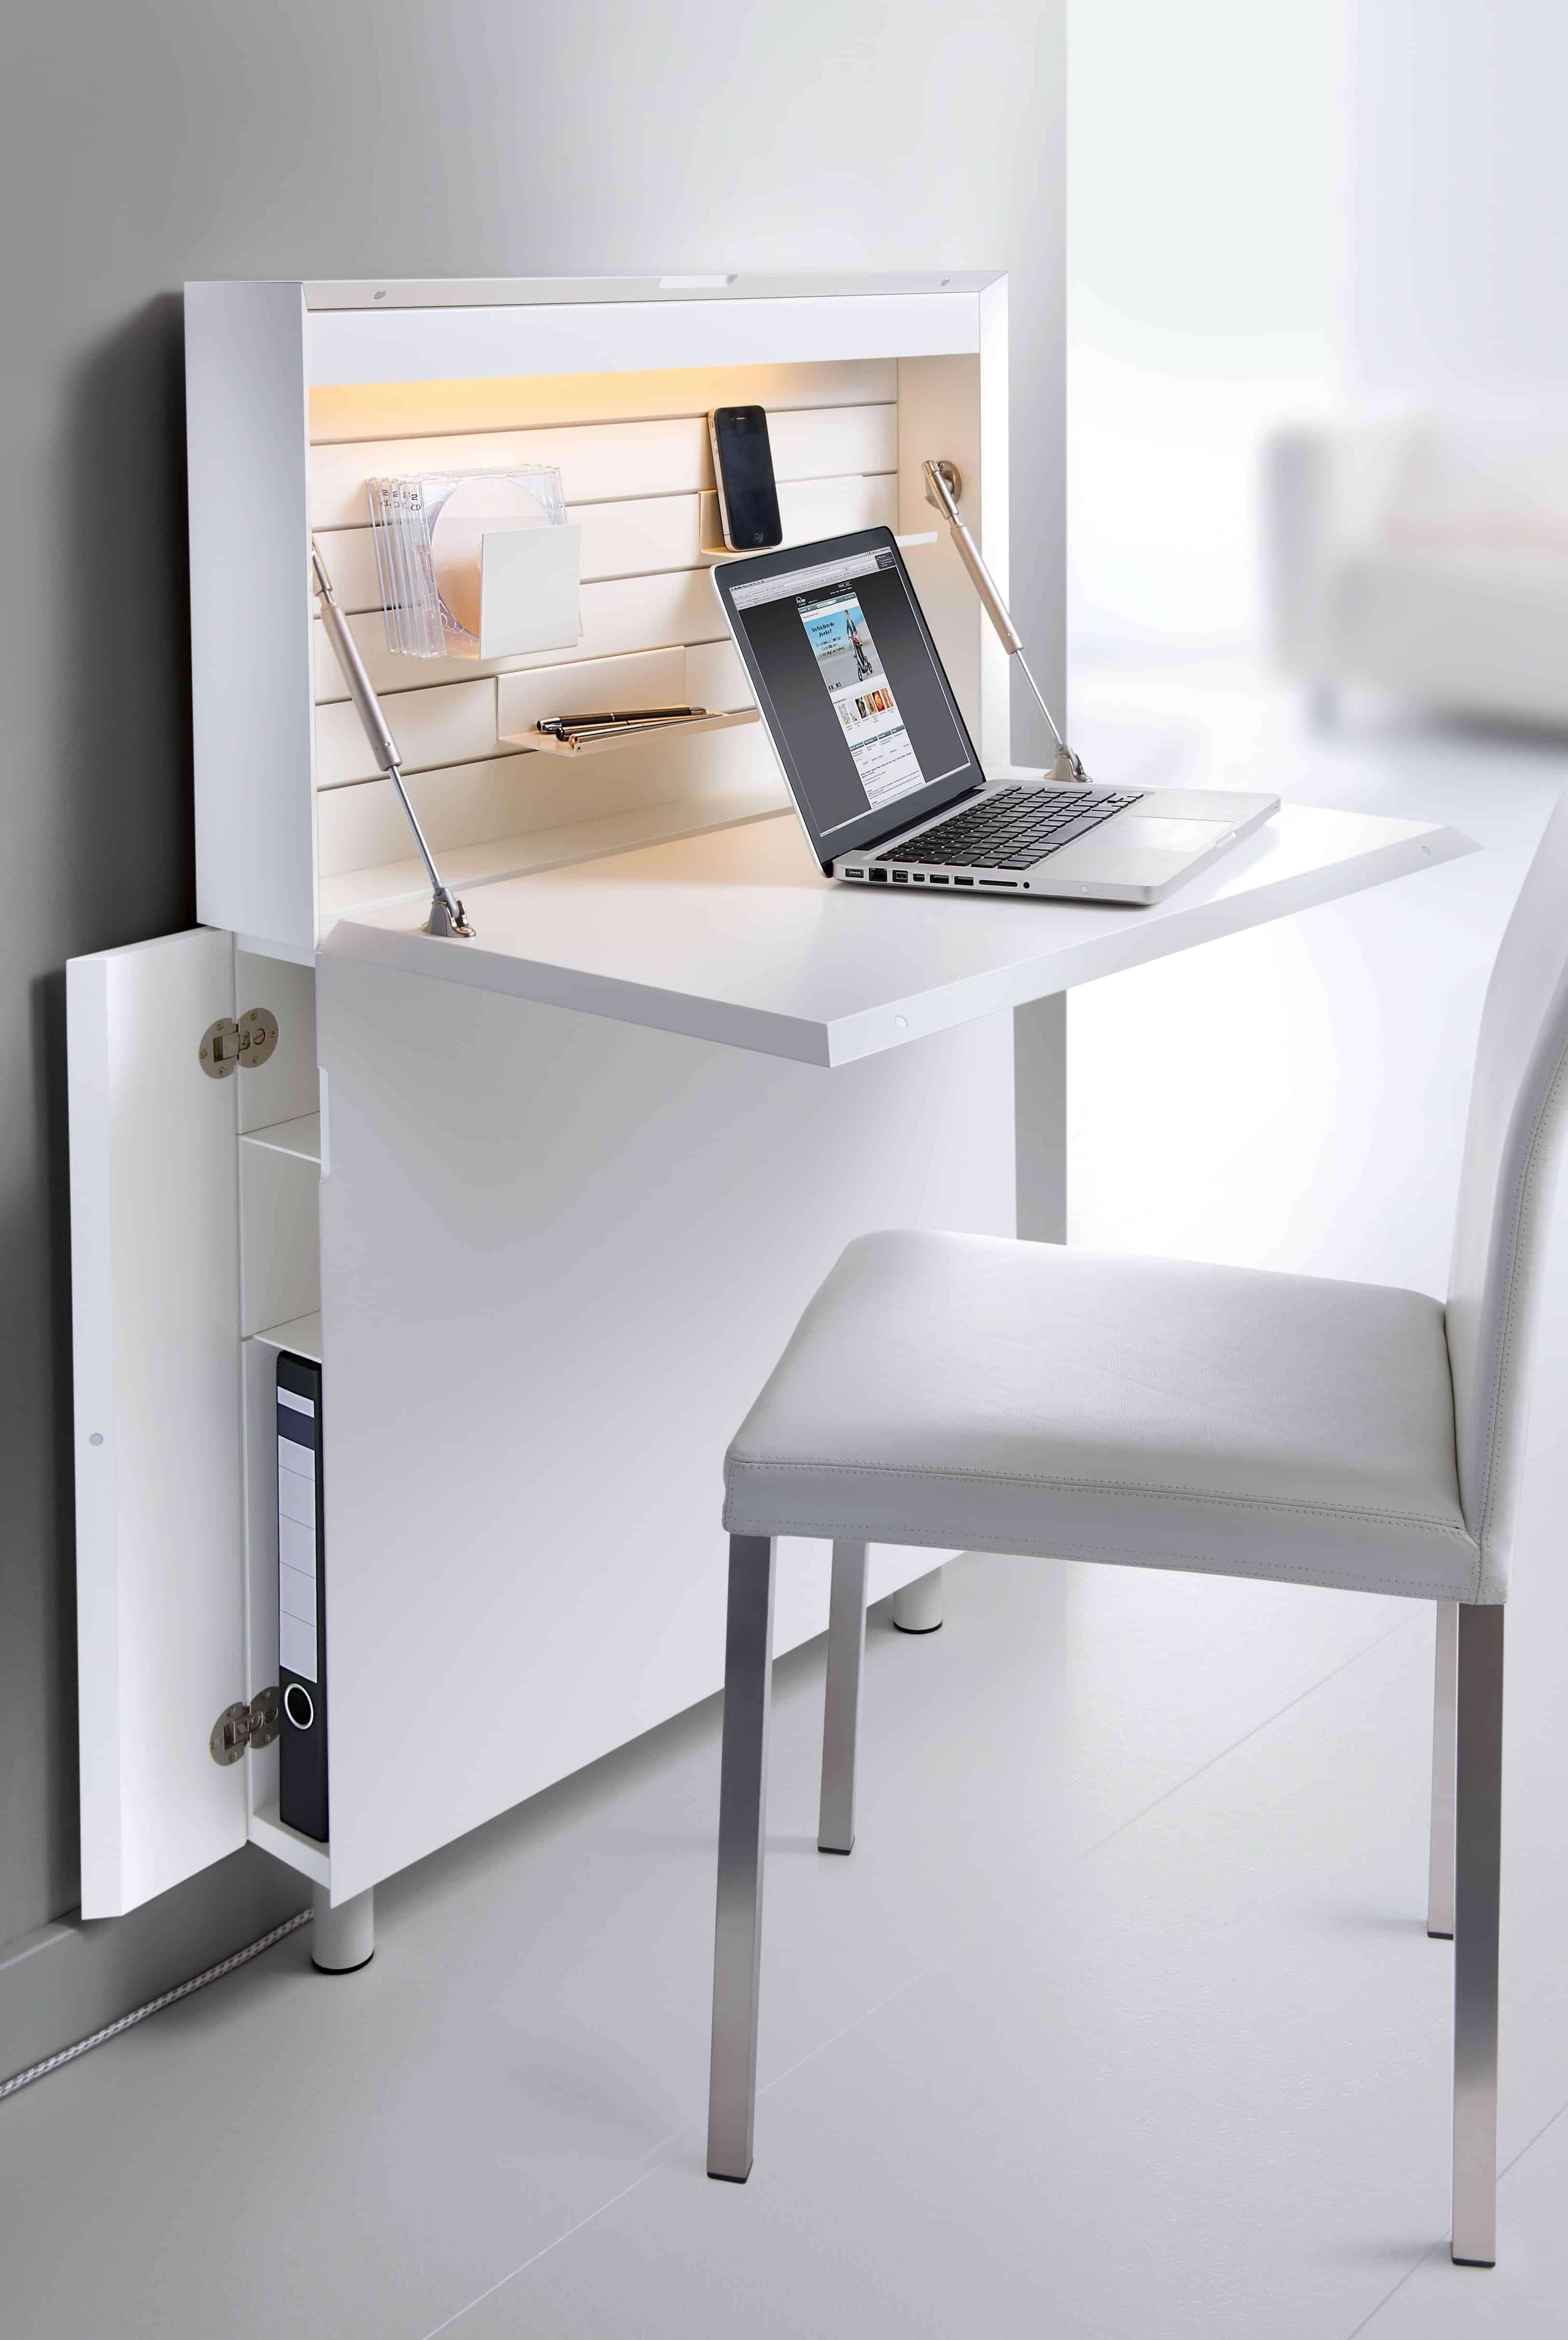 Beliebt Ideen für ein stilvolles Home-Office SC29